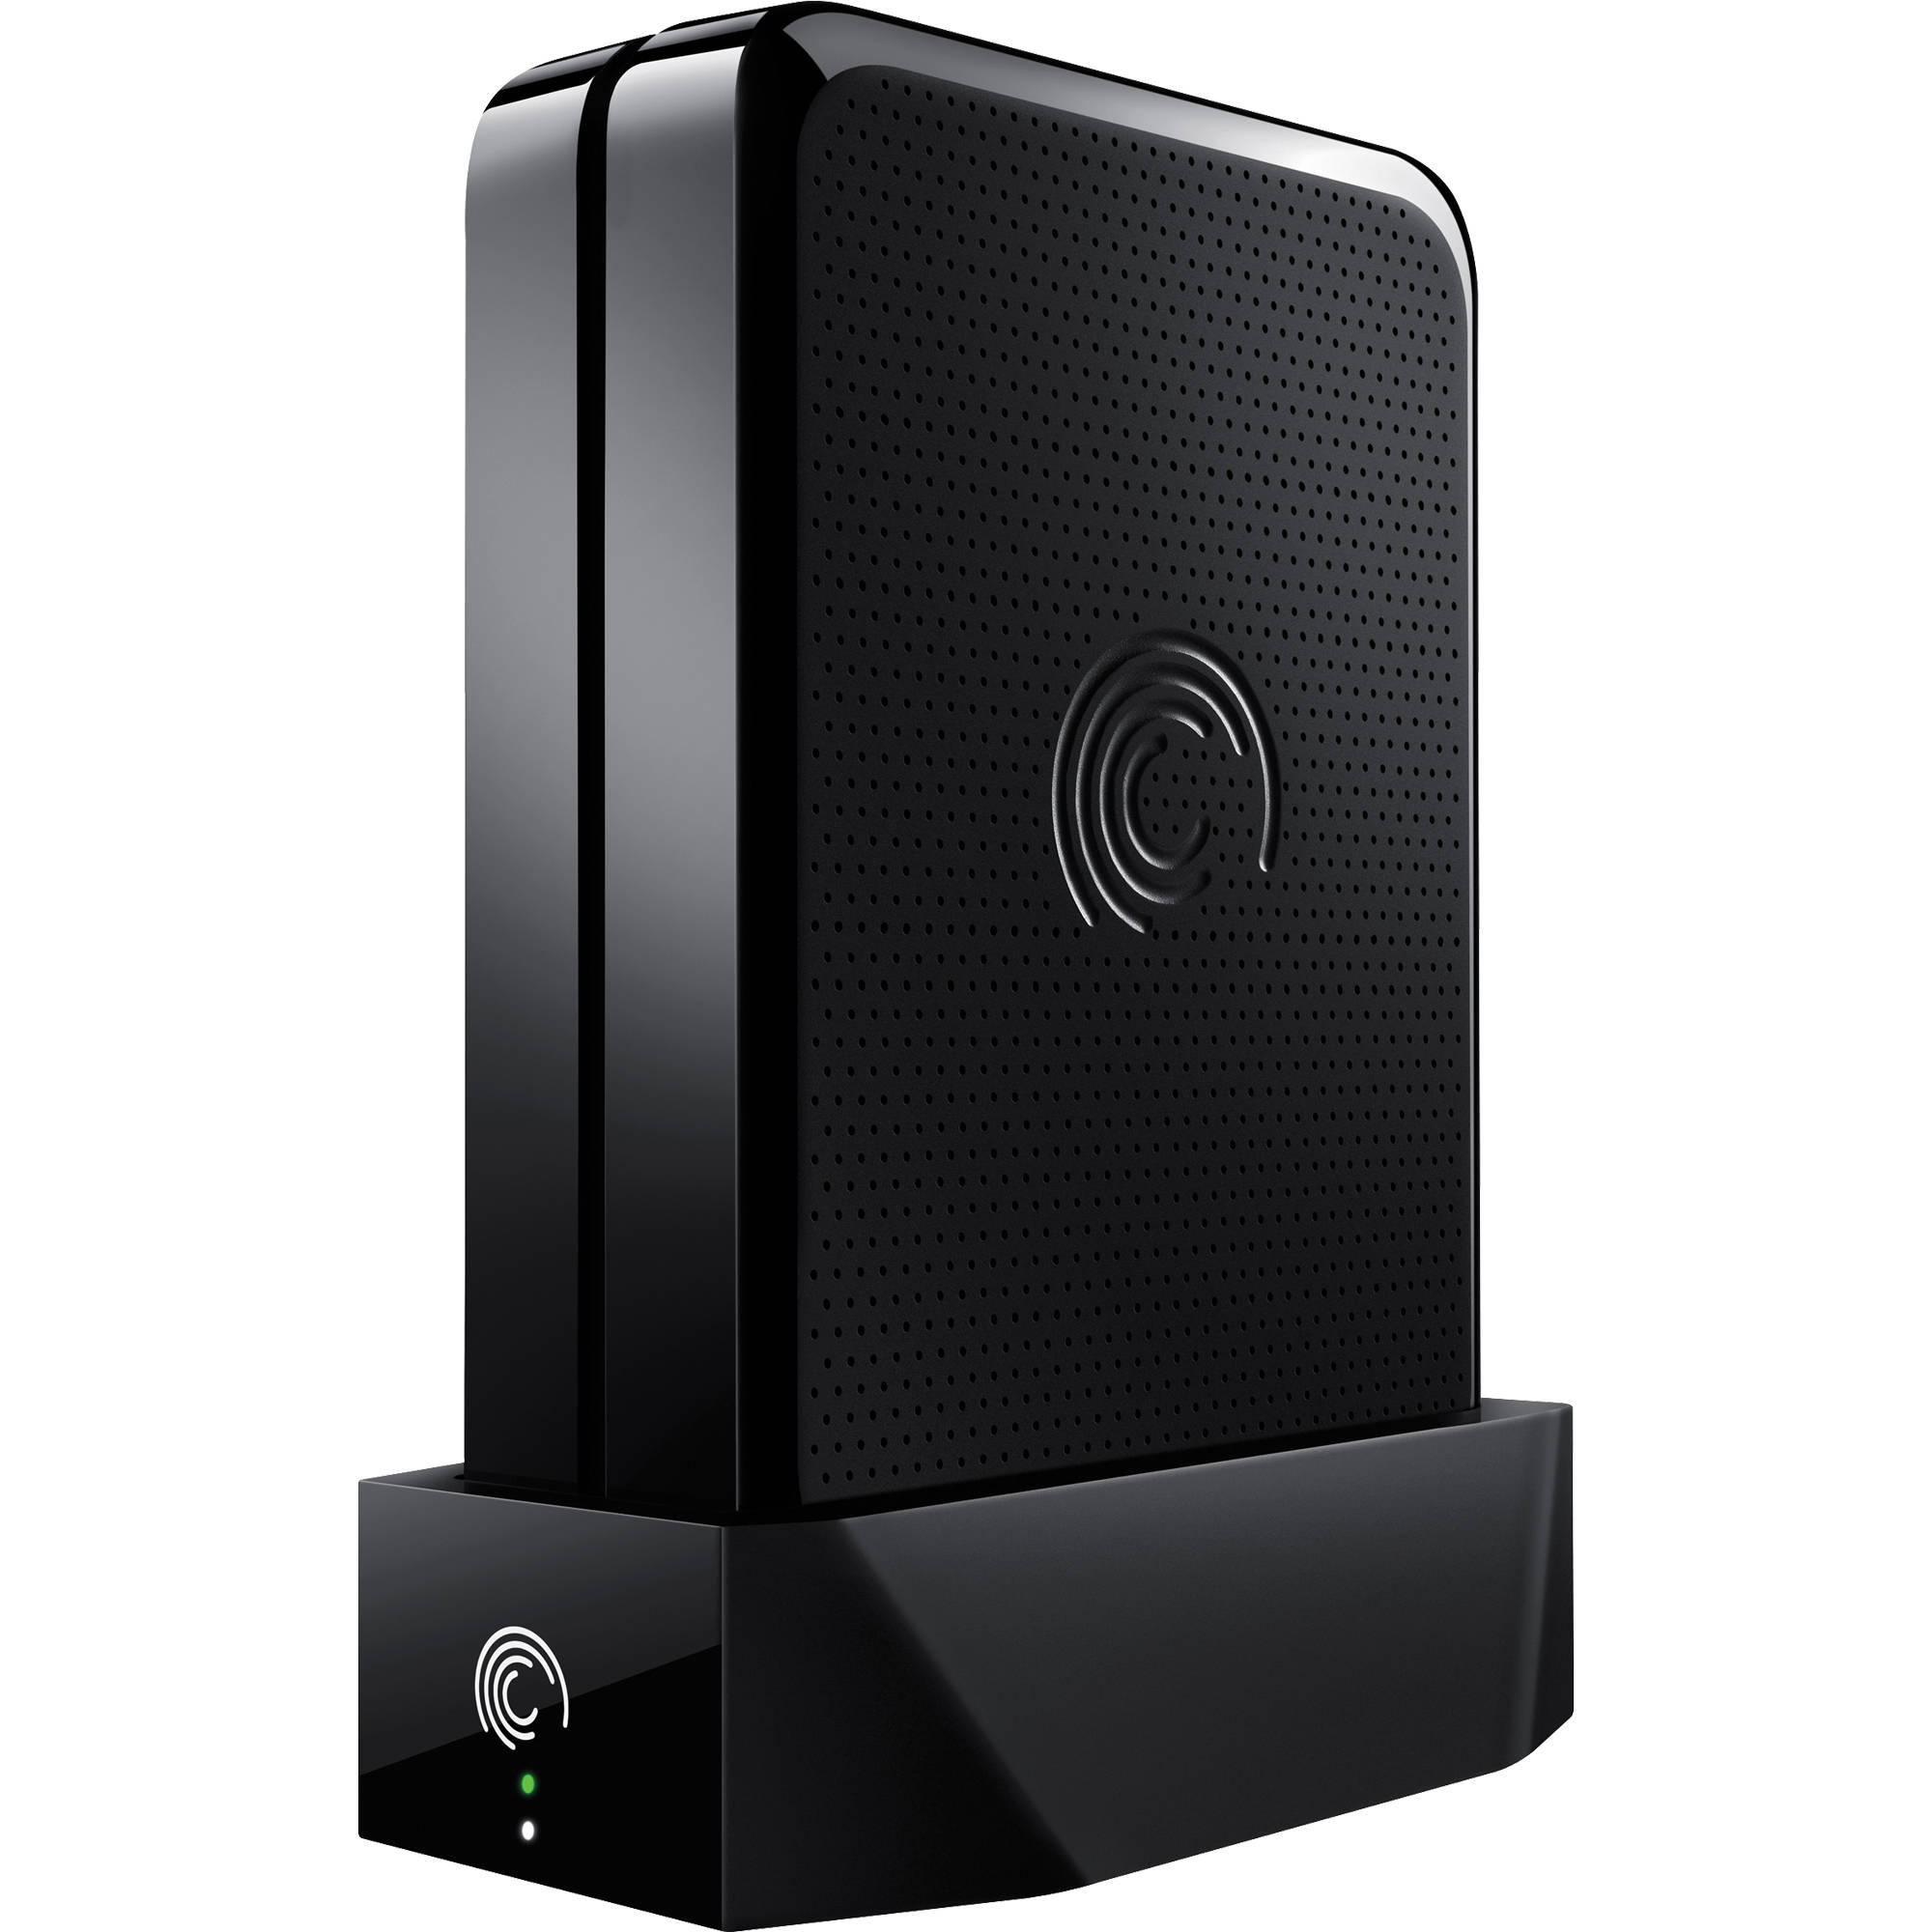 Seagate Freeagent Goflex Home Network Storage System